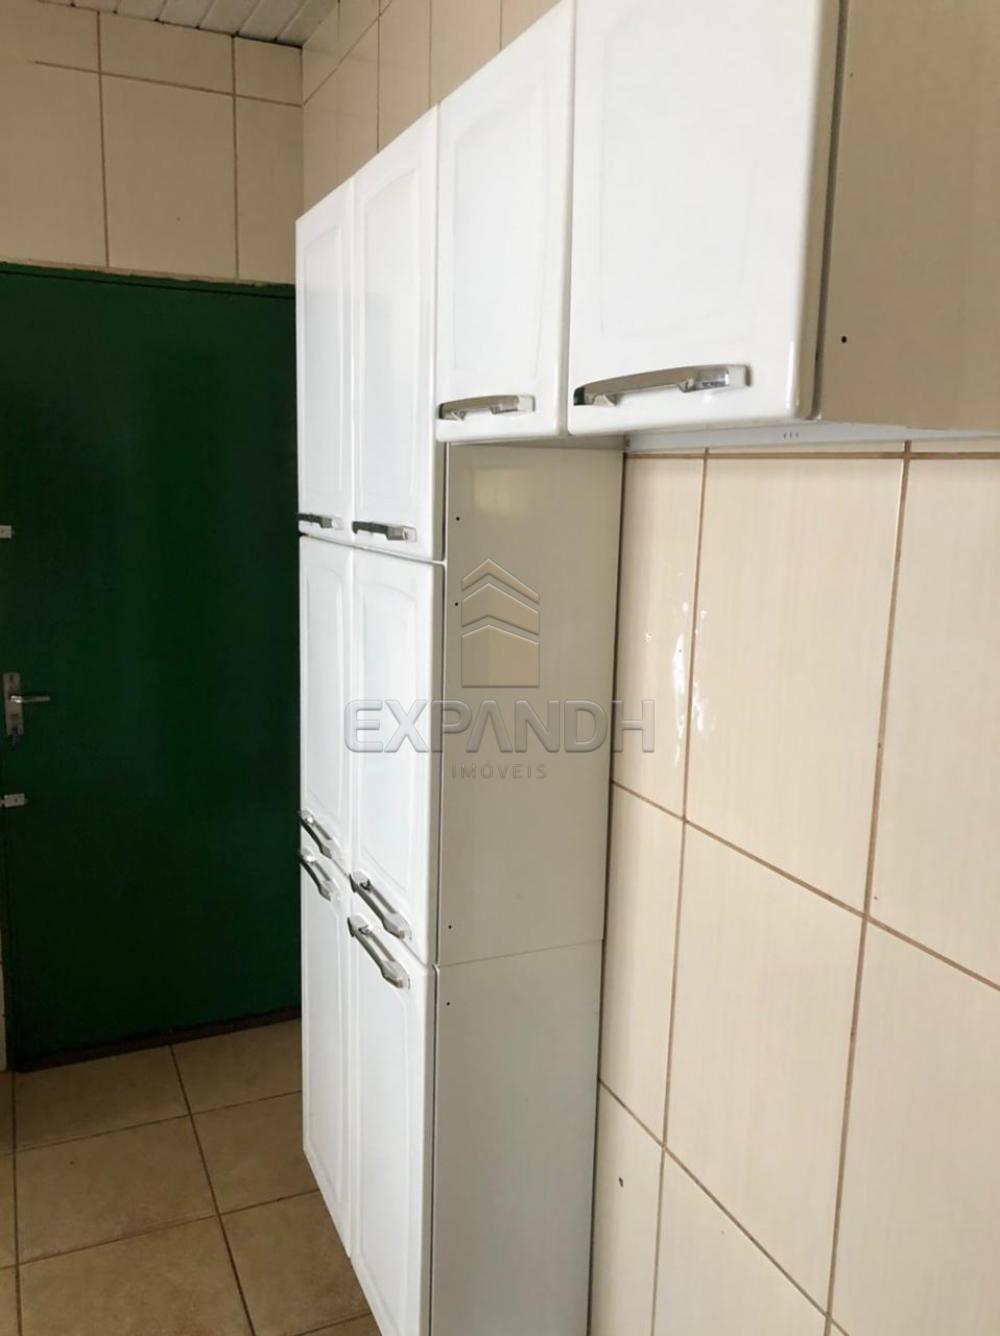 Alugar Casas / Padrão em Sertãozinho R$ 800,00 - Foto 9